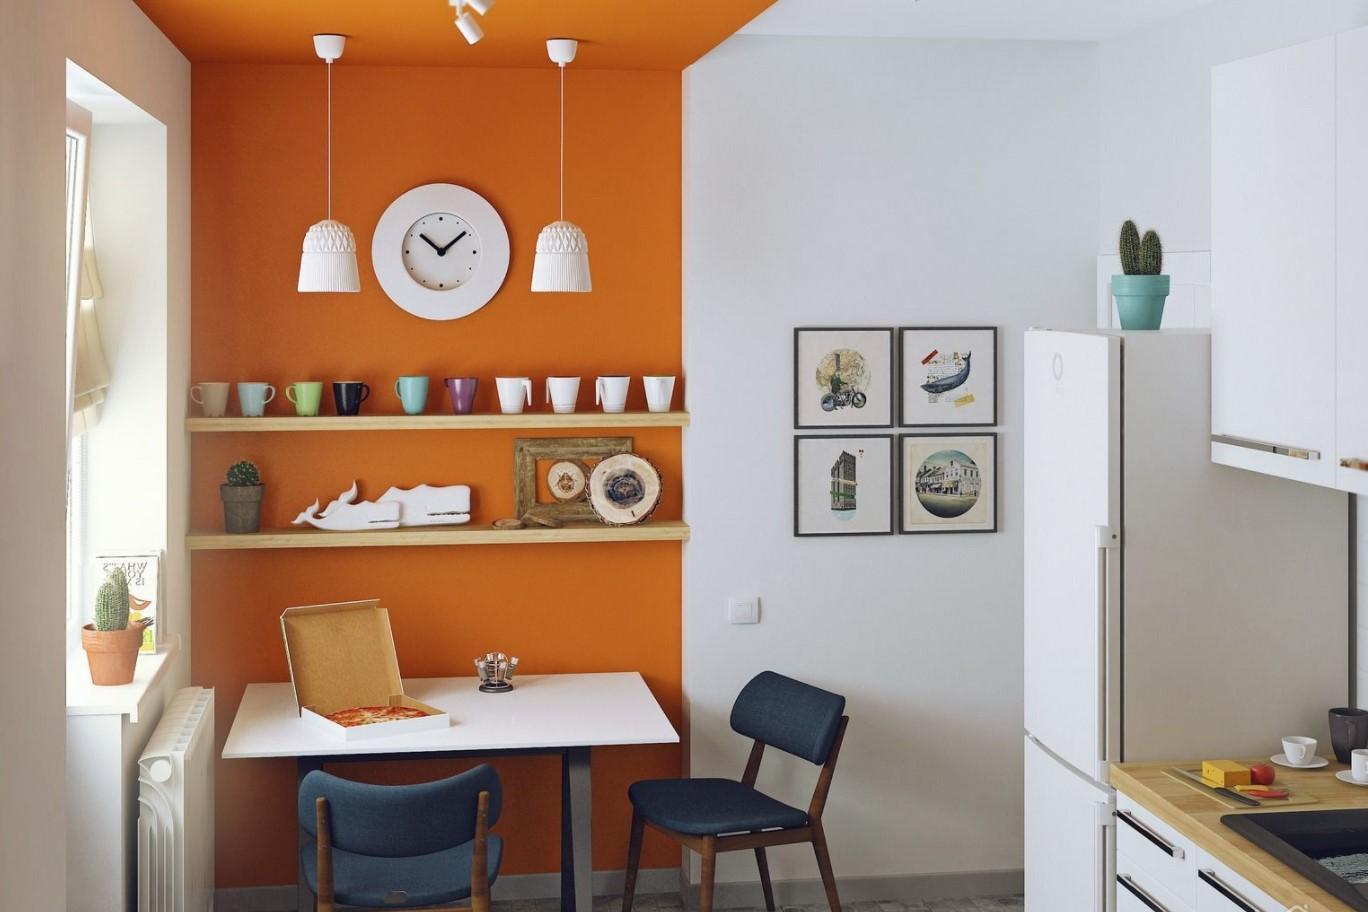 Пошаговый алгоритм установки газлифта на кухонный шкаф своими руками - Дизайн и Интерьер